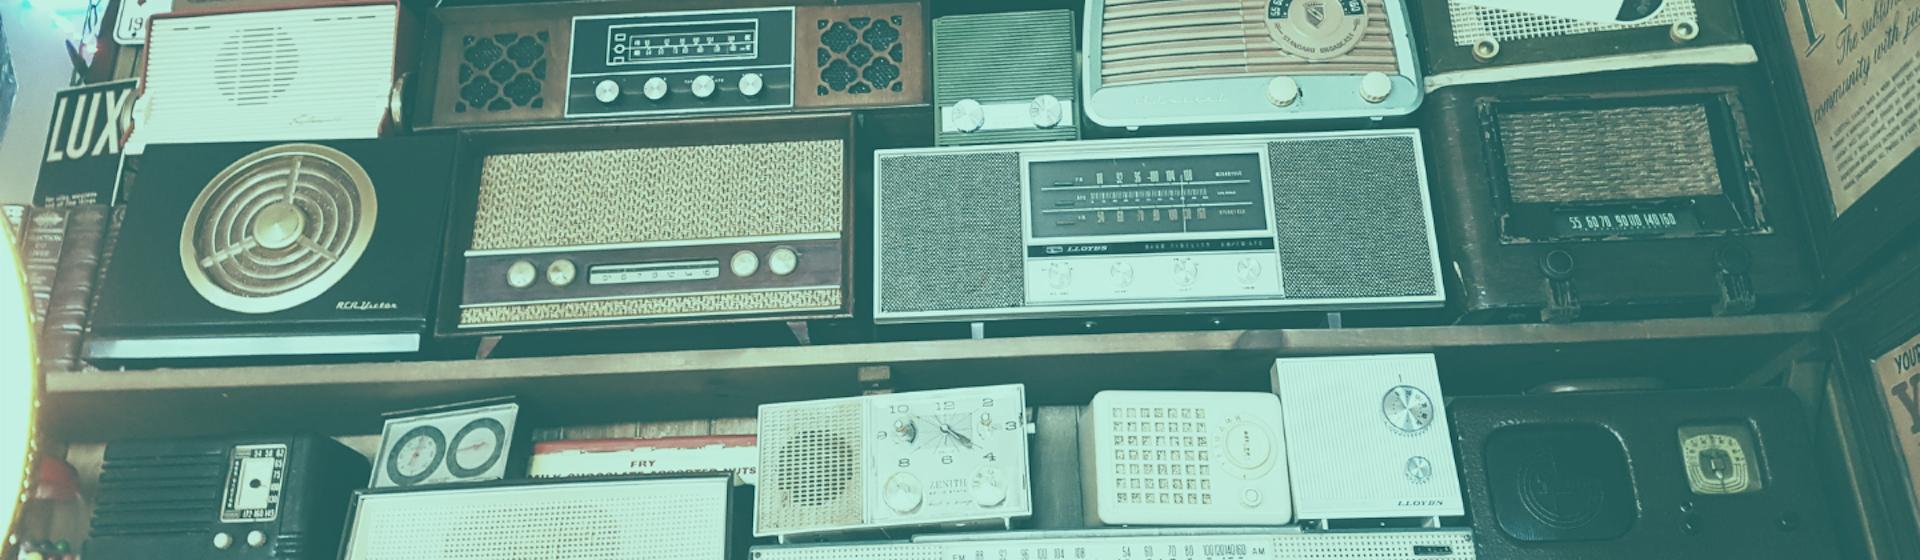 ¿Qué es la radio?: conoce por qué es el medio de comunicación más usado